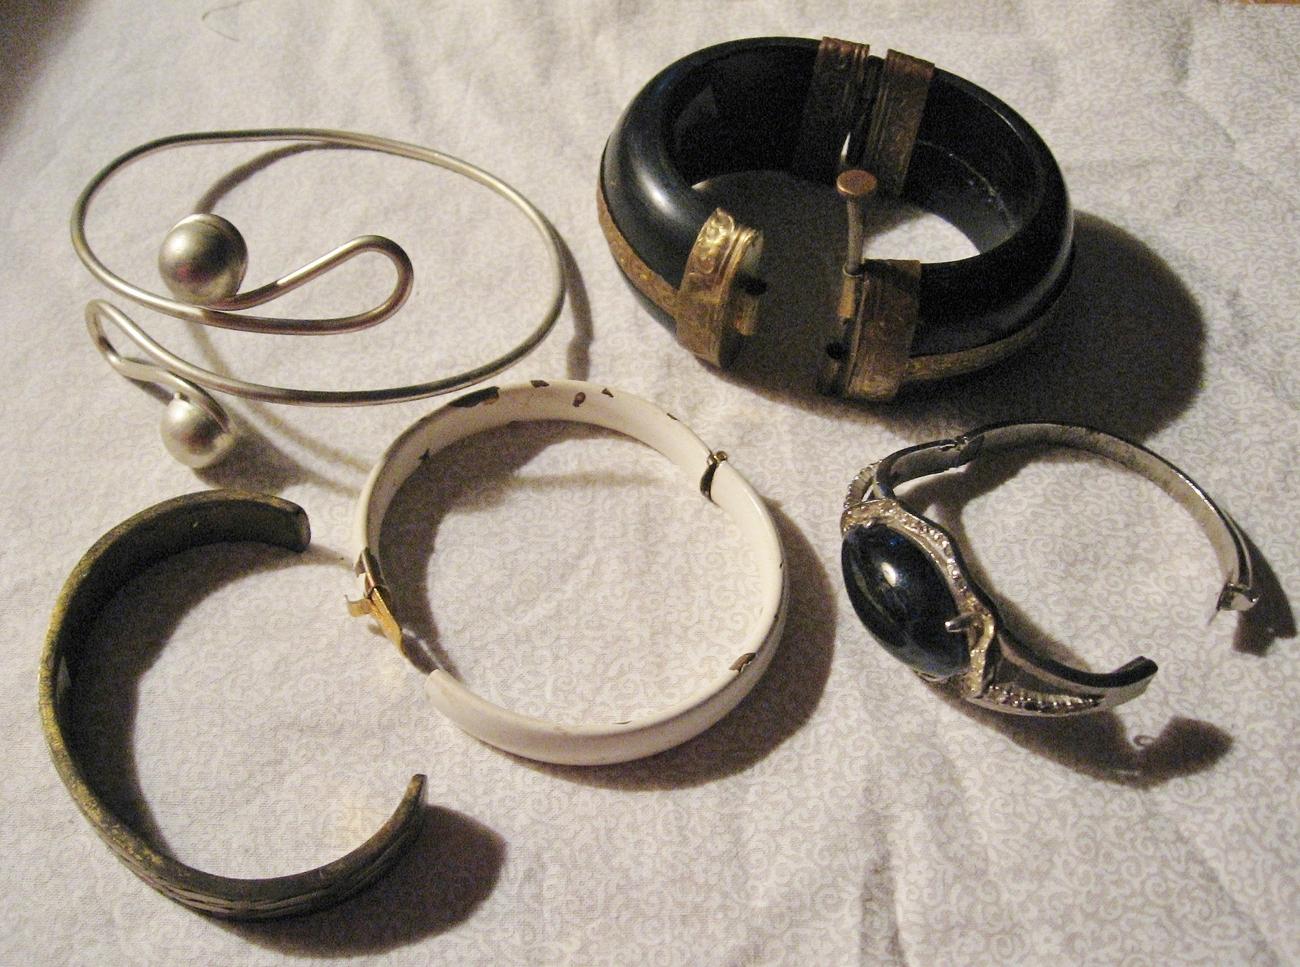 Vintage Set, Lot, Of 5 Bracelets, Arm Band, Hinged - $18.00